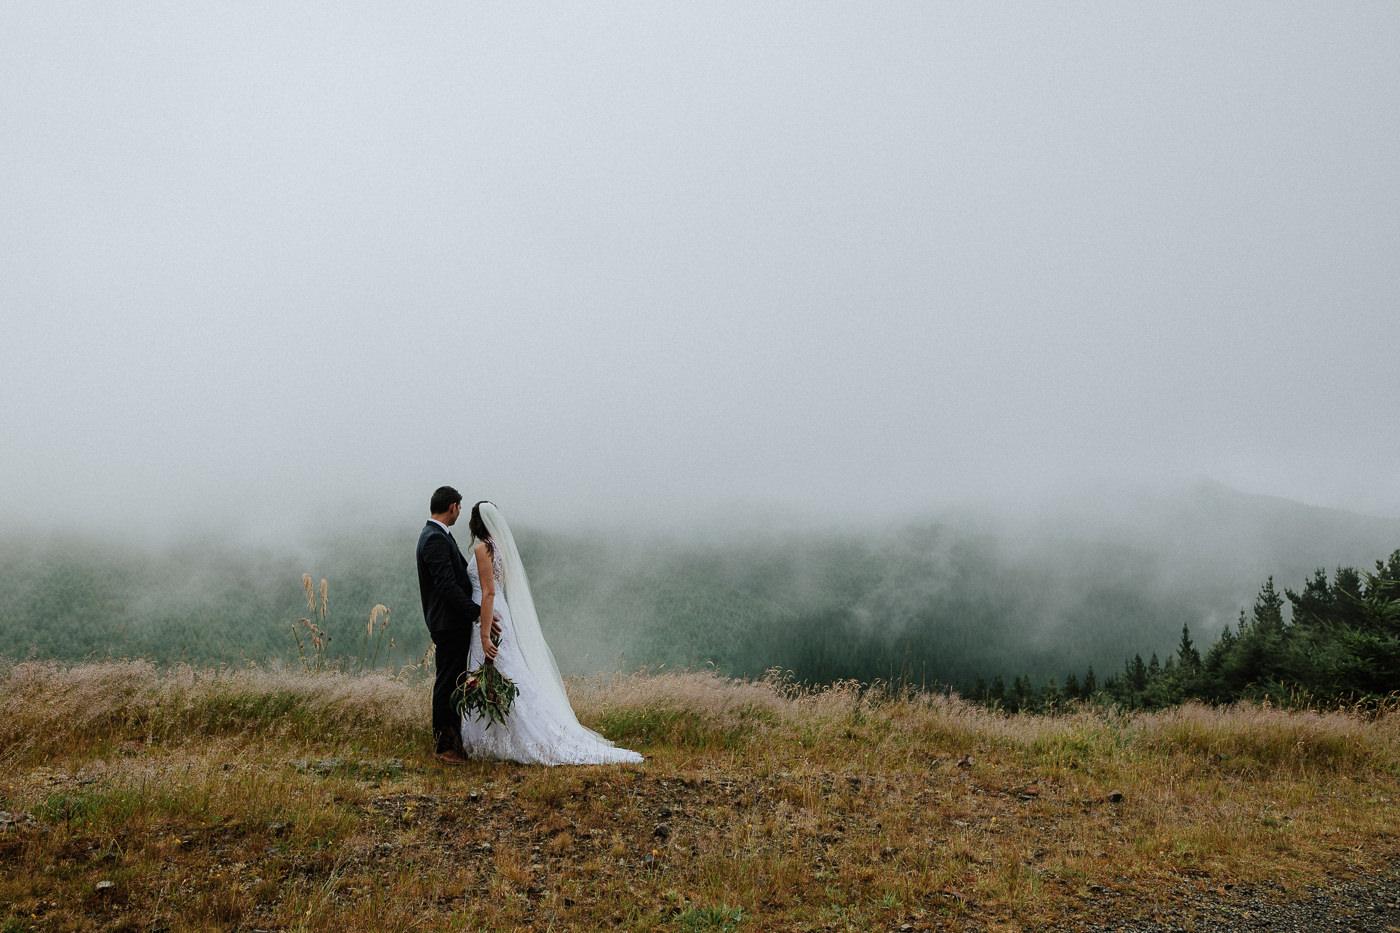 nz_wedding_photographer_gisborne-1083.jpg